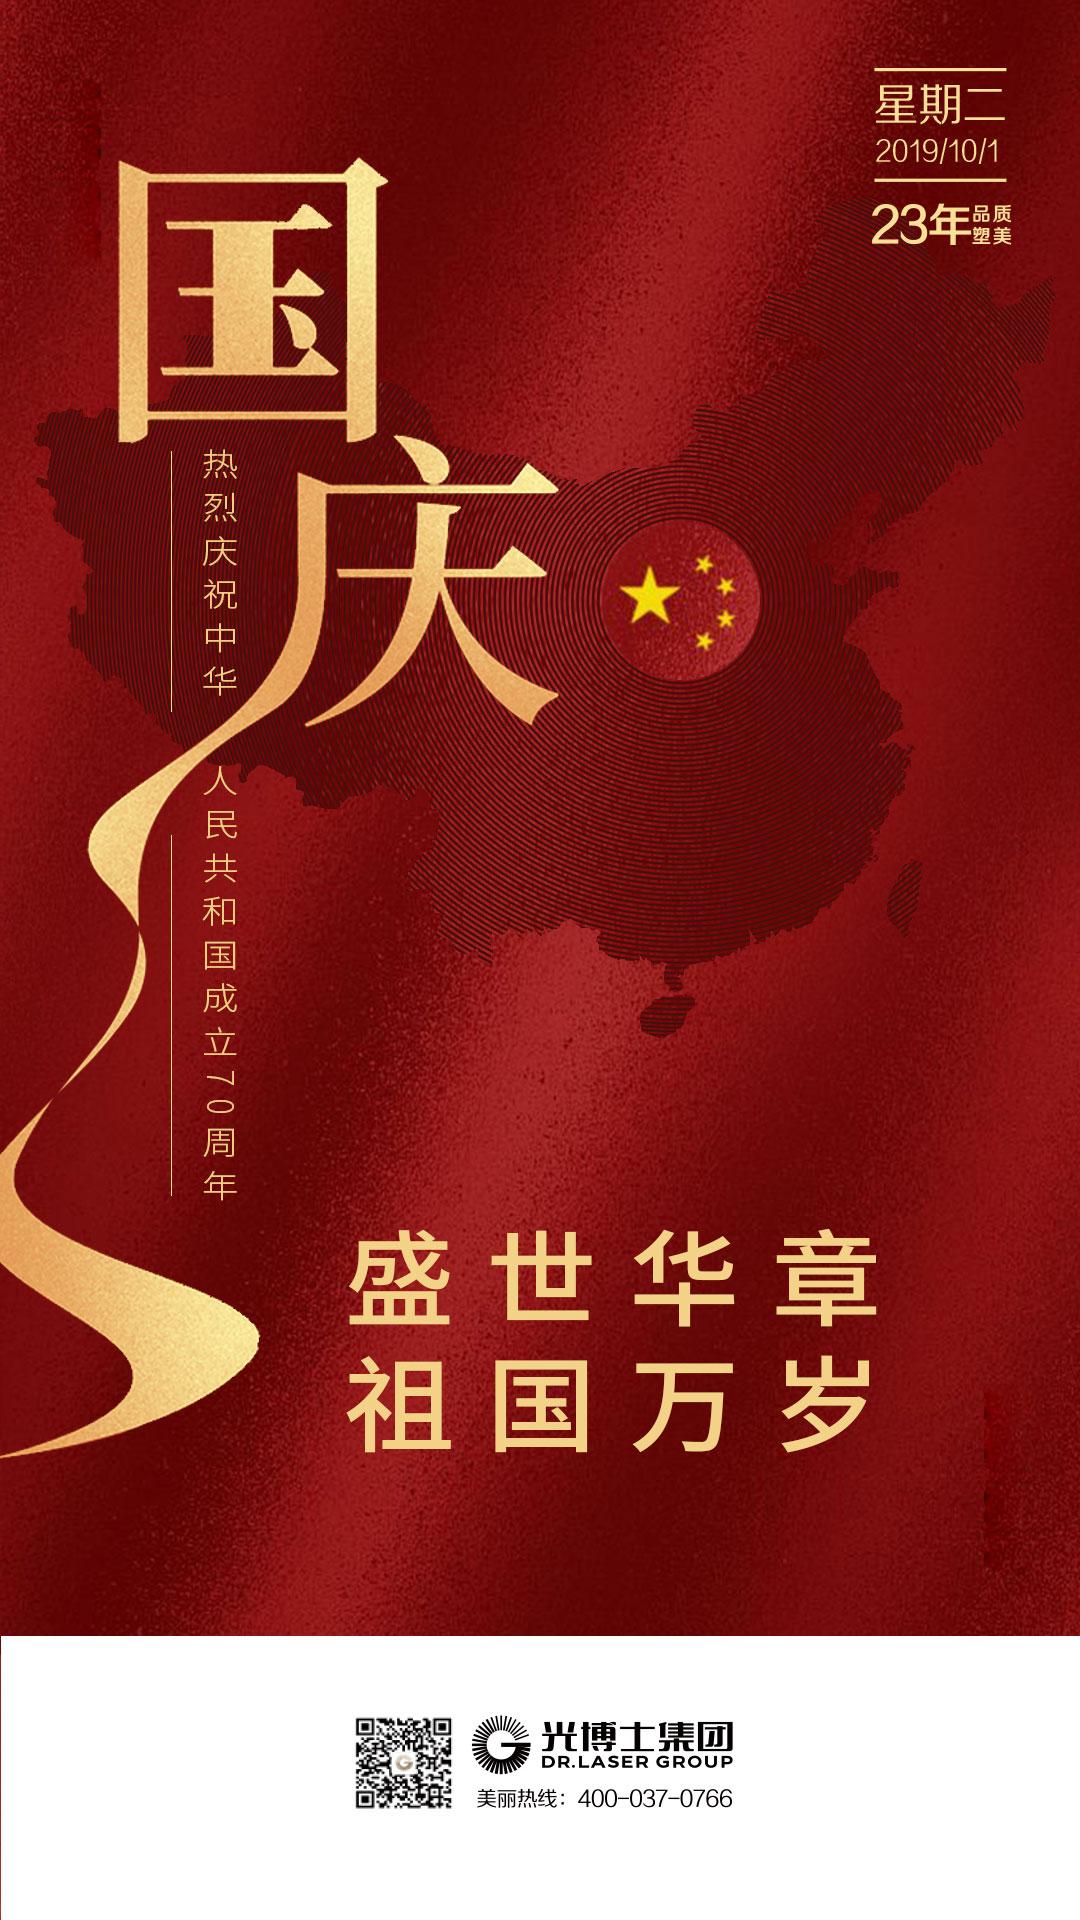 热烈庆祝中华人民共和国成立七十周年 祝祖国繁荣昌盛,人民美丽幸福(图1)